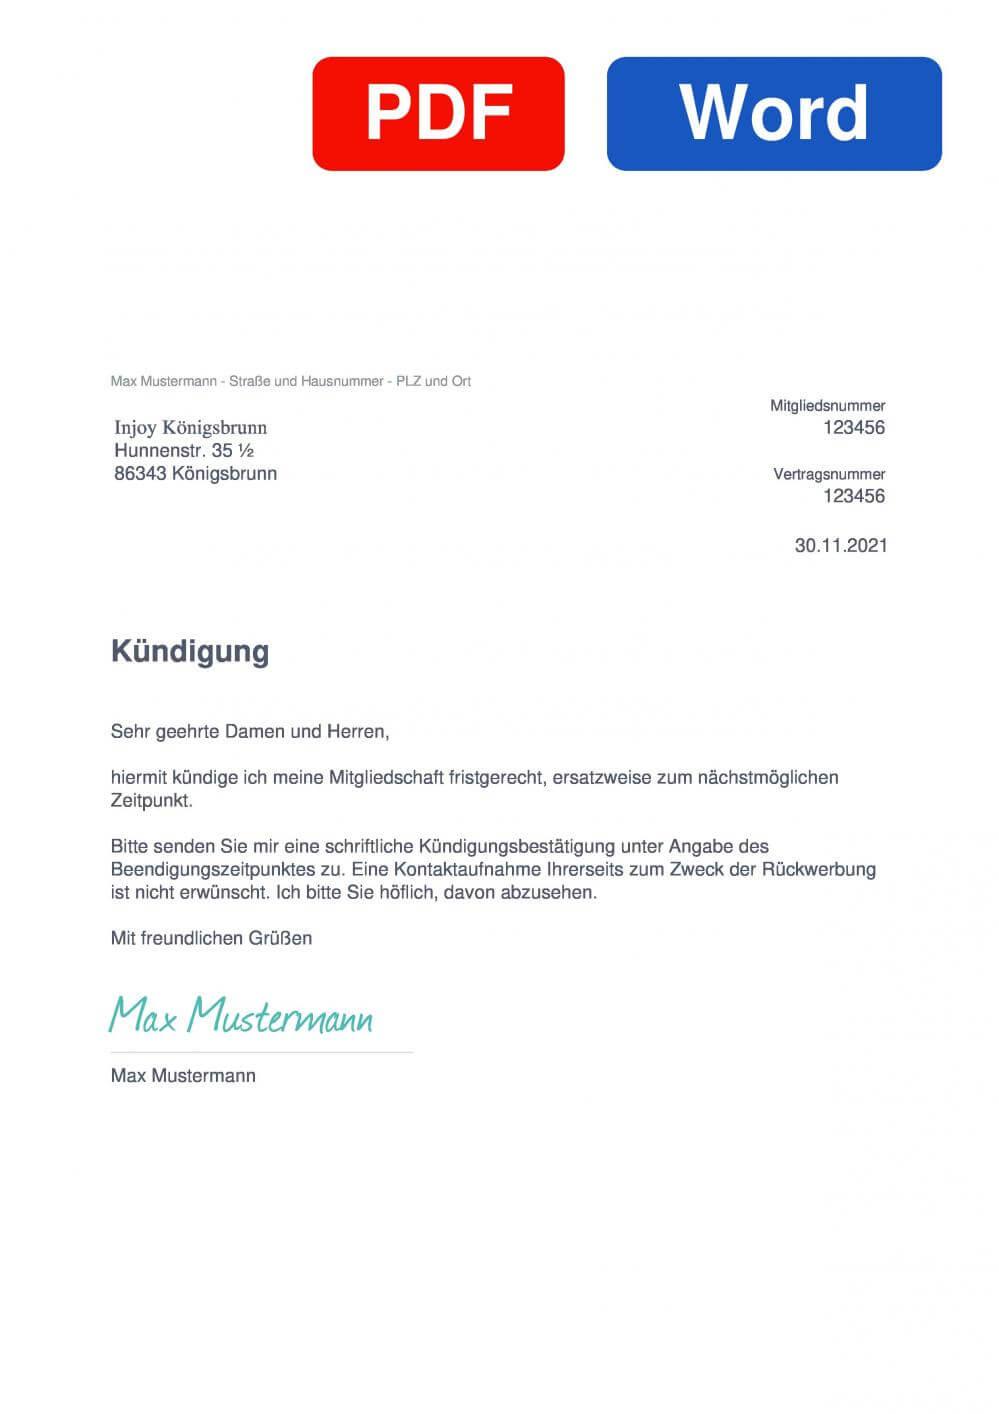 INJOY Königsbrunn Muster Vorlage für Kündigungsschreiben